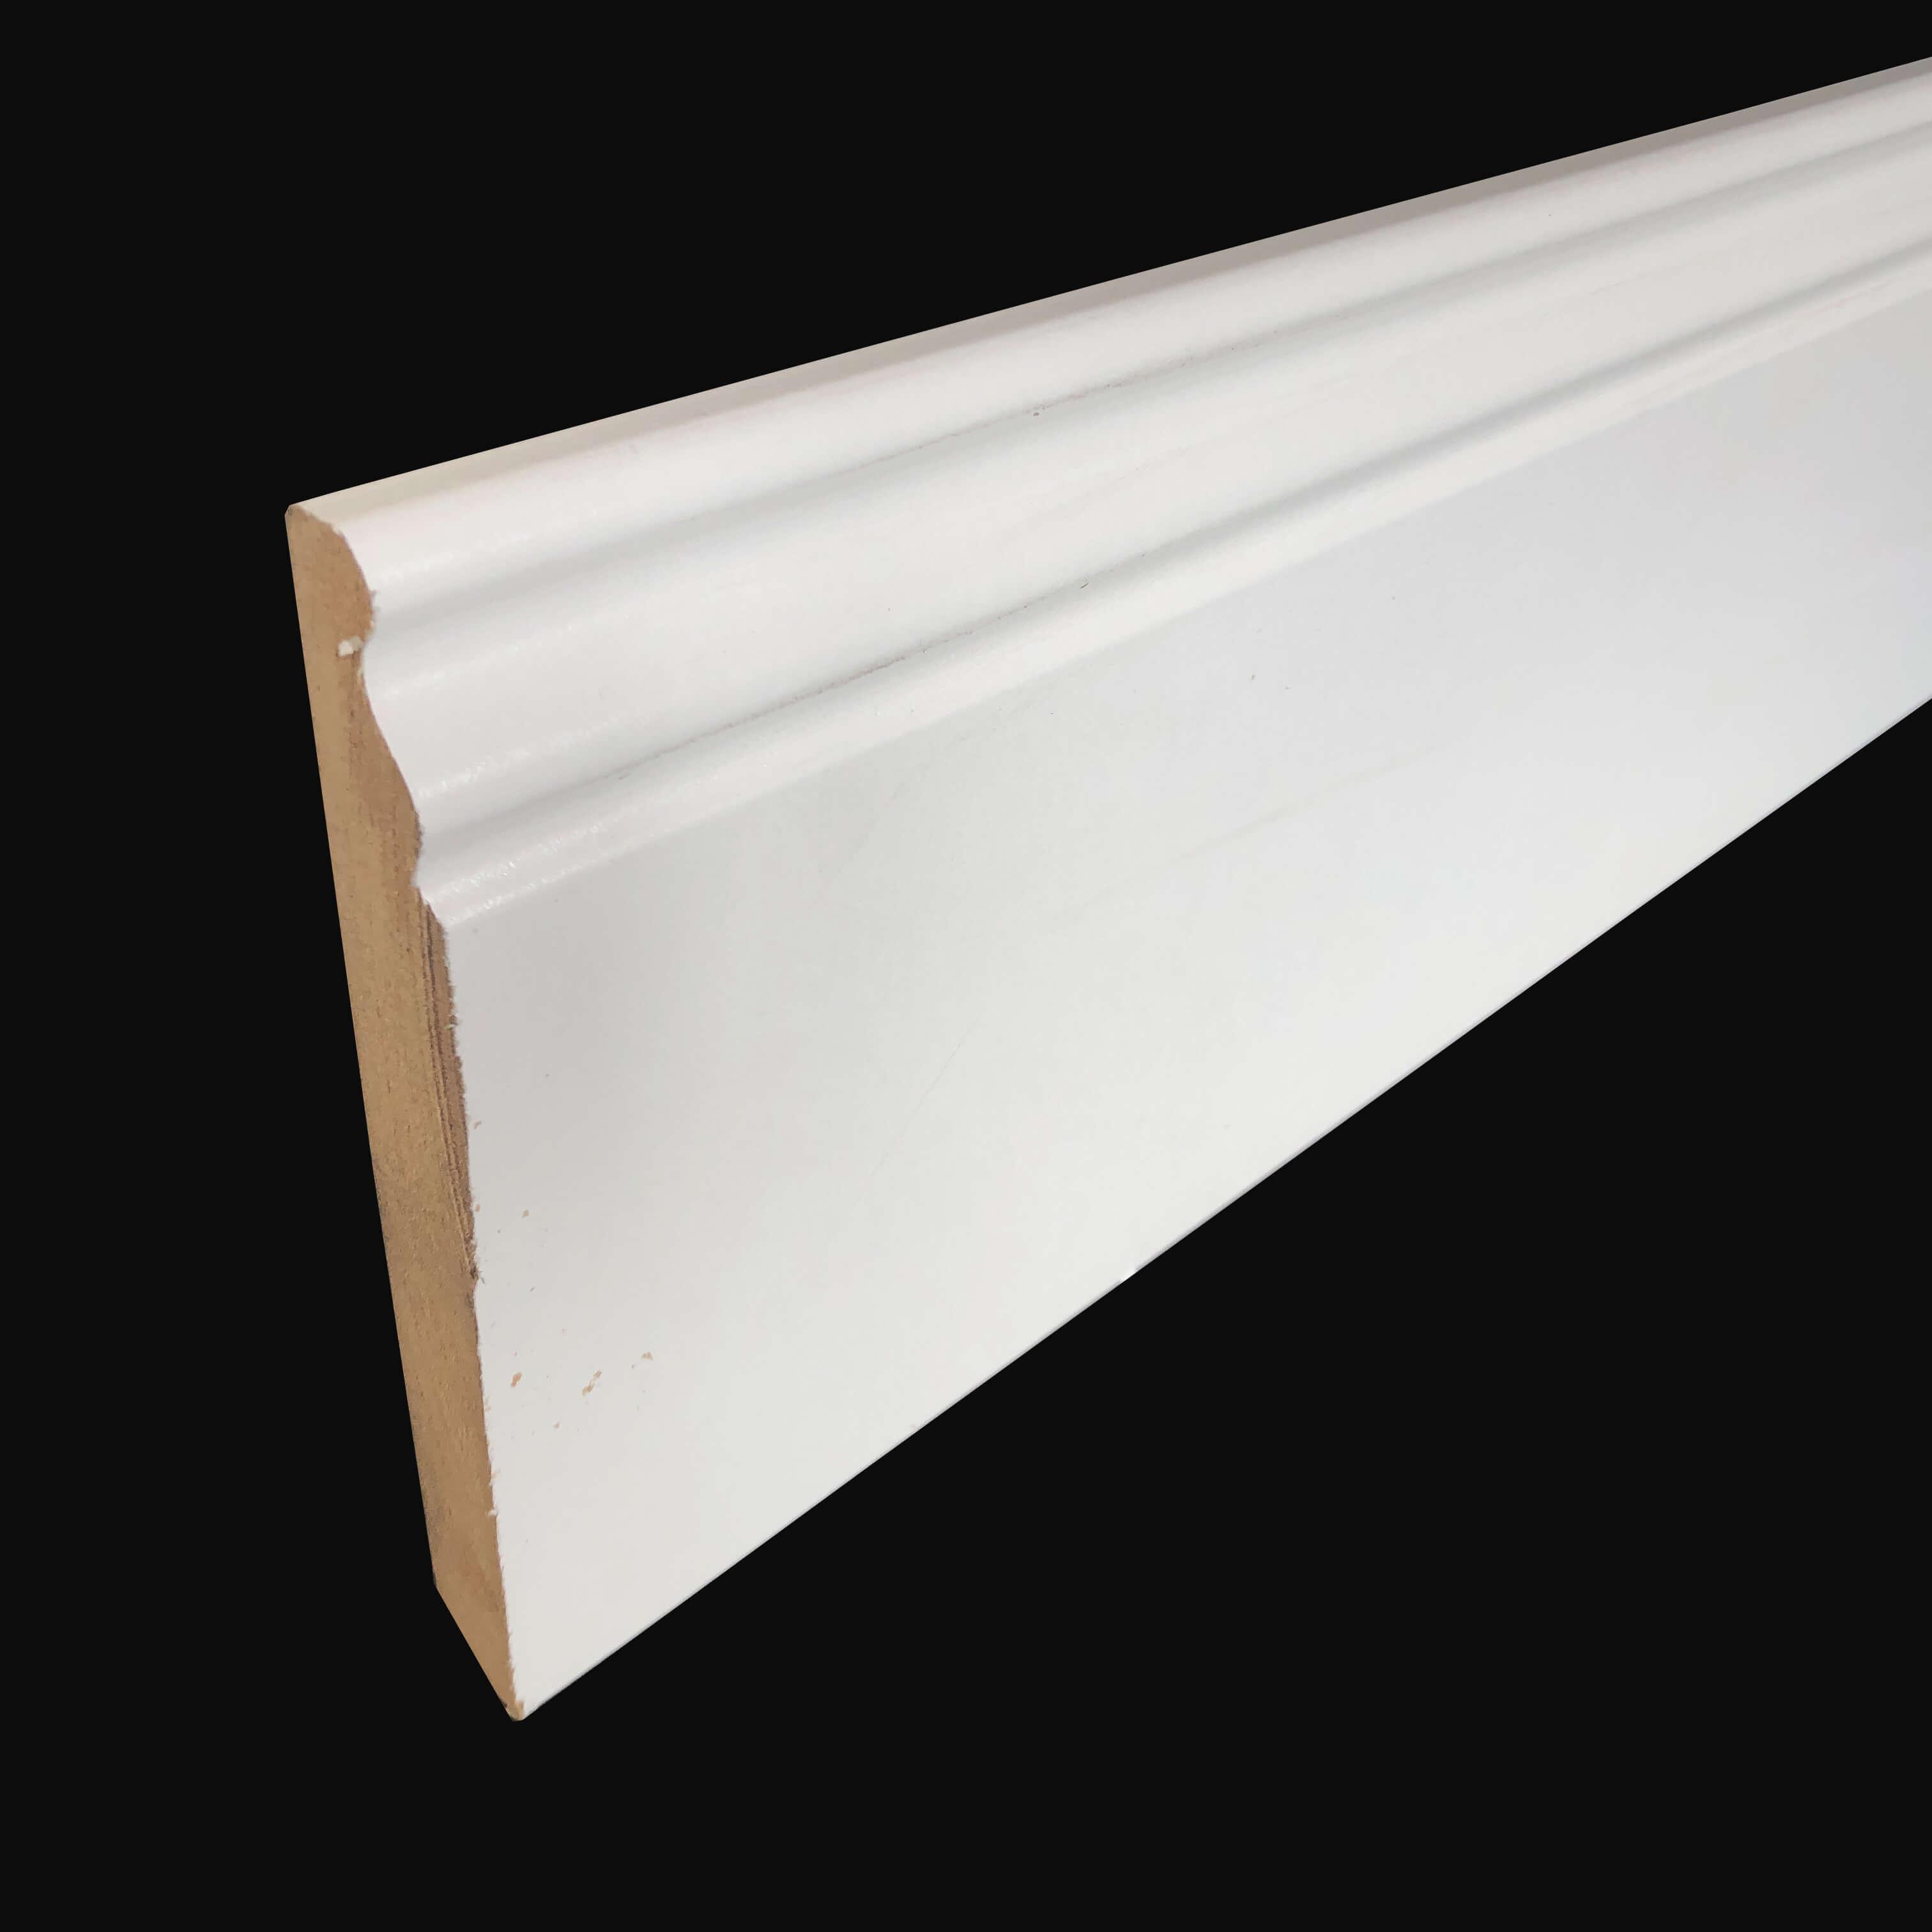 Plinthe Mouluree Blanche 16 X 150 Mm Prix Fabricant Livraison Rapide